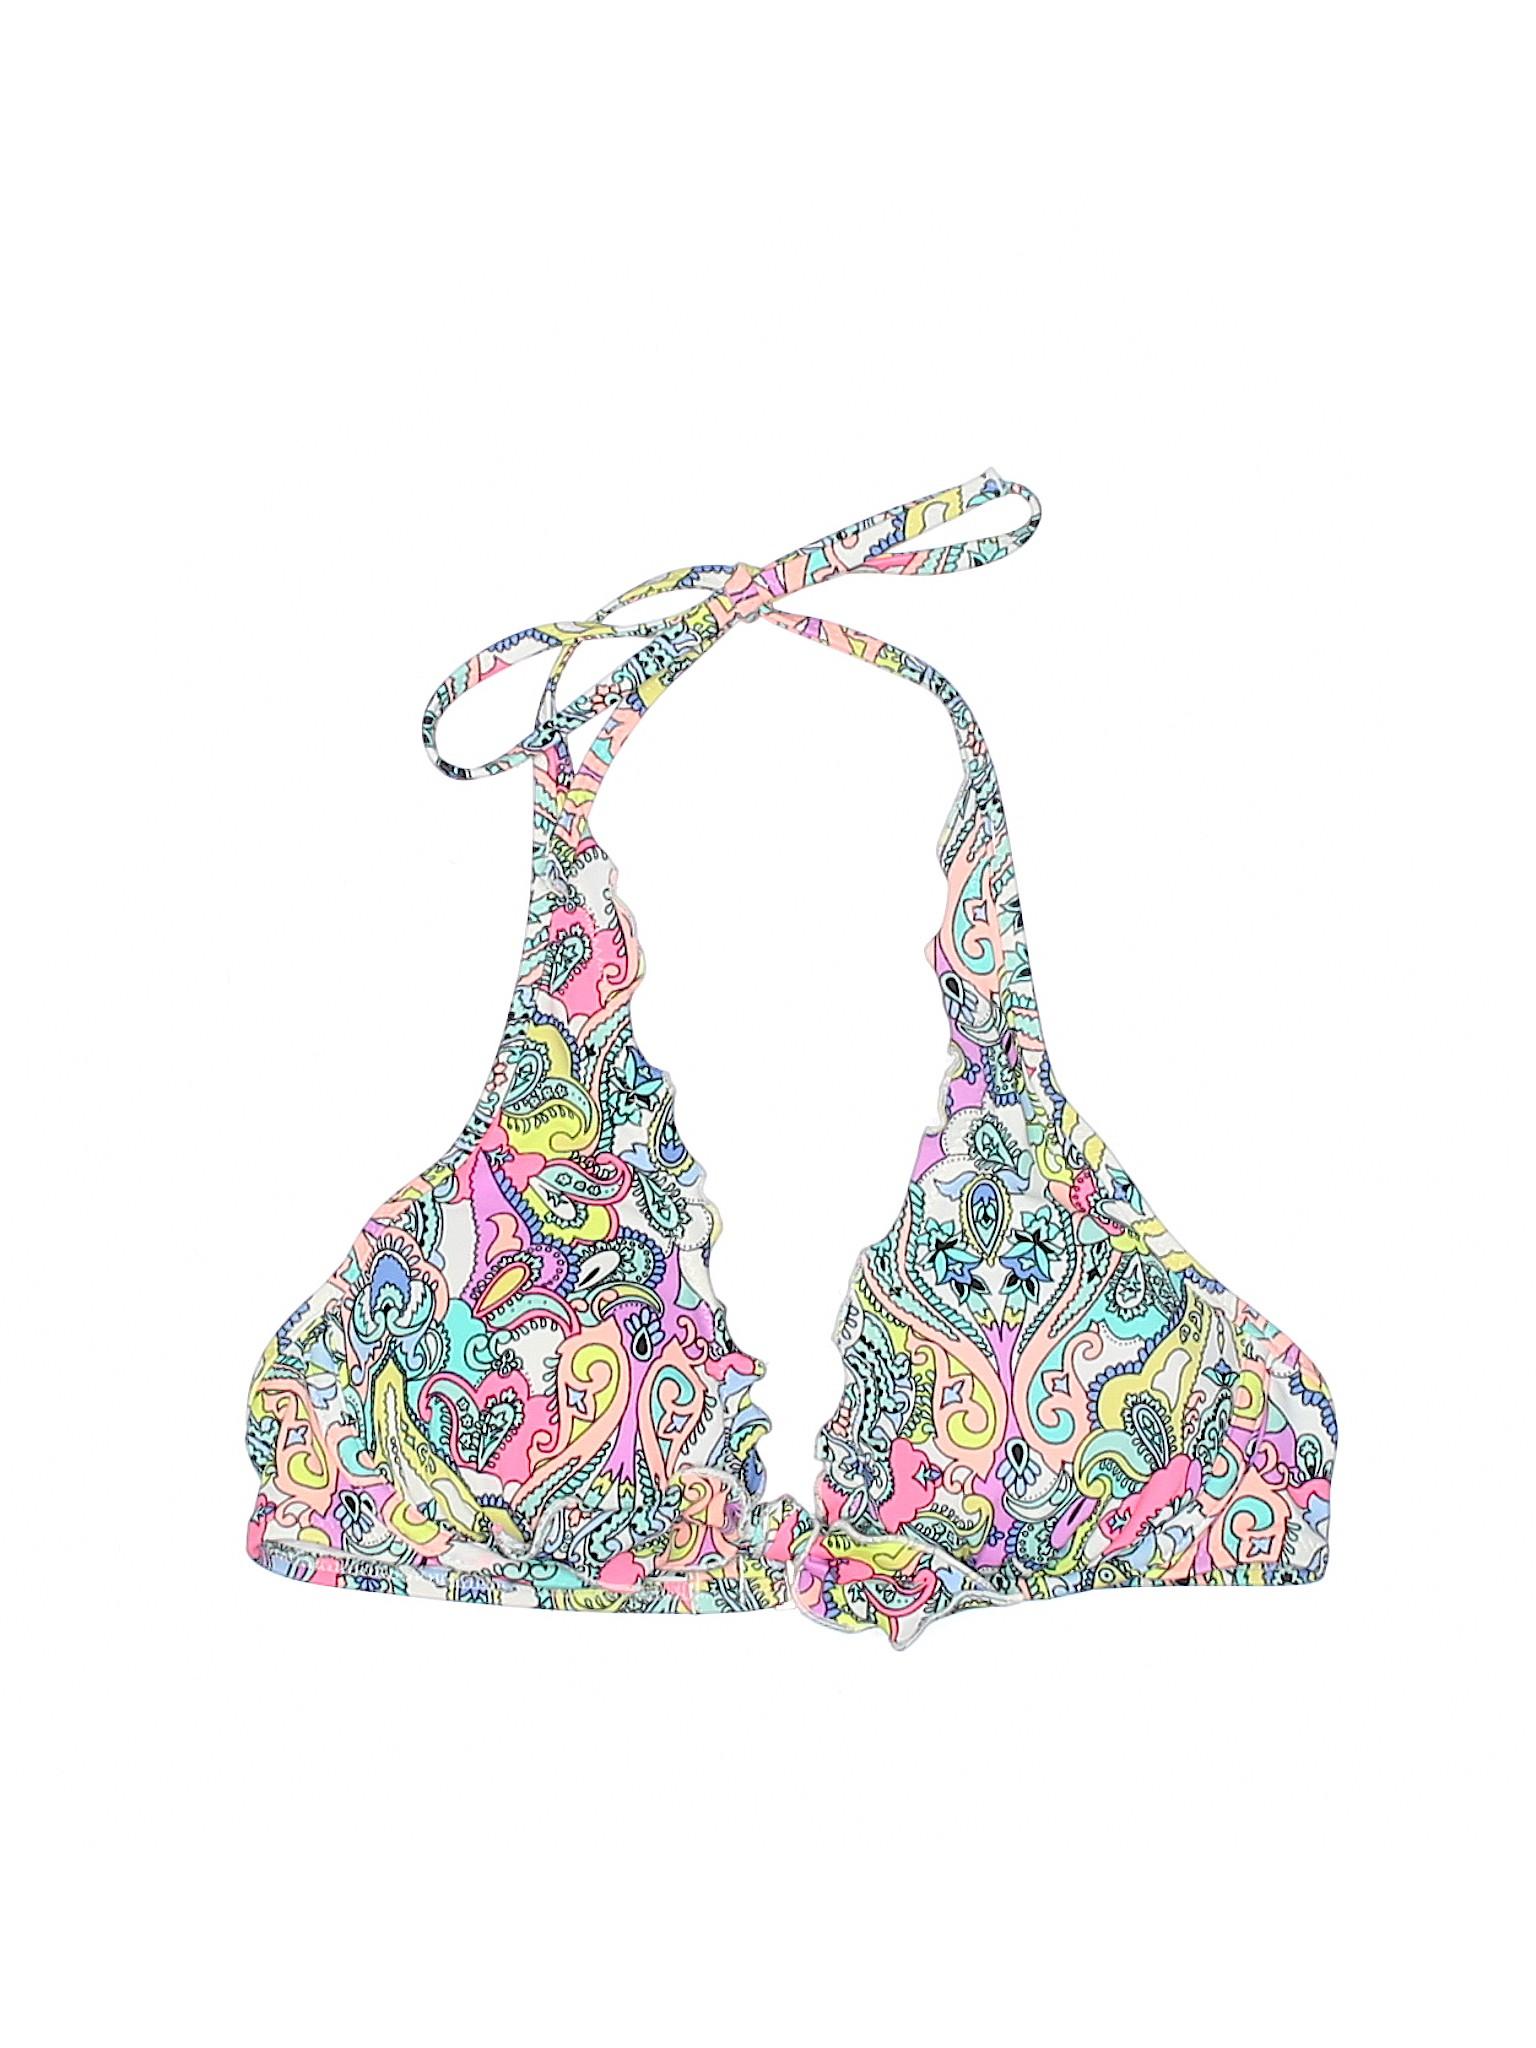 Top Boutique Swimsuit Top Boutique Victoria's Top Victoria's Victoria's Secret Secret Boutique Swimsuit Boutique Secret Swimsuit ftxxqA45